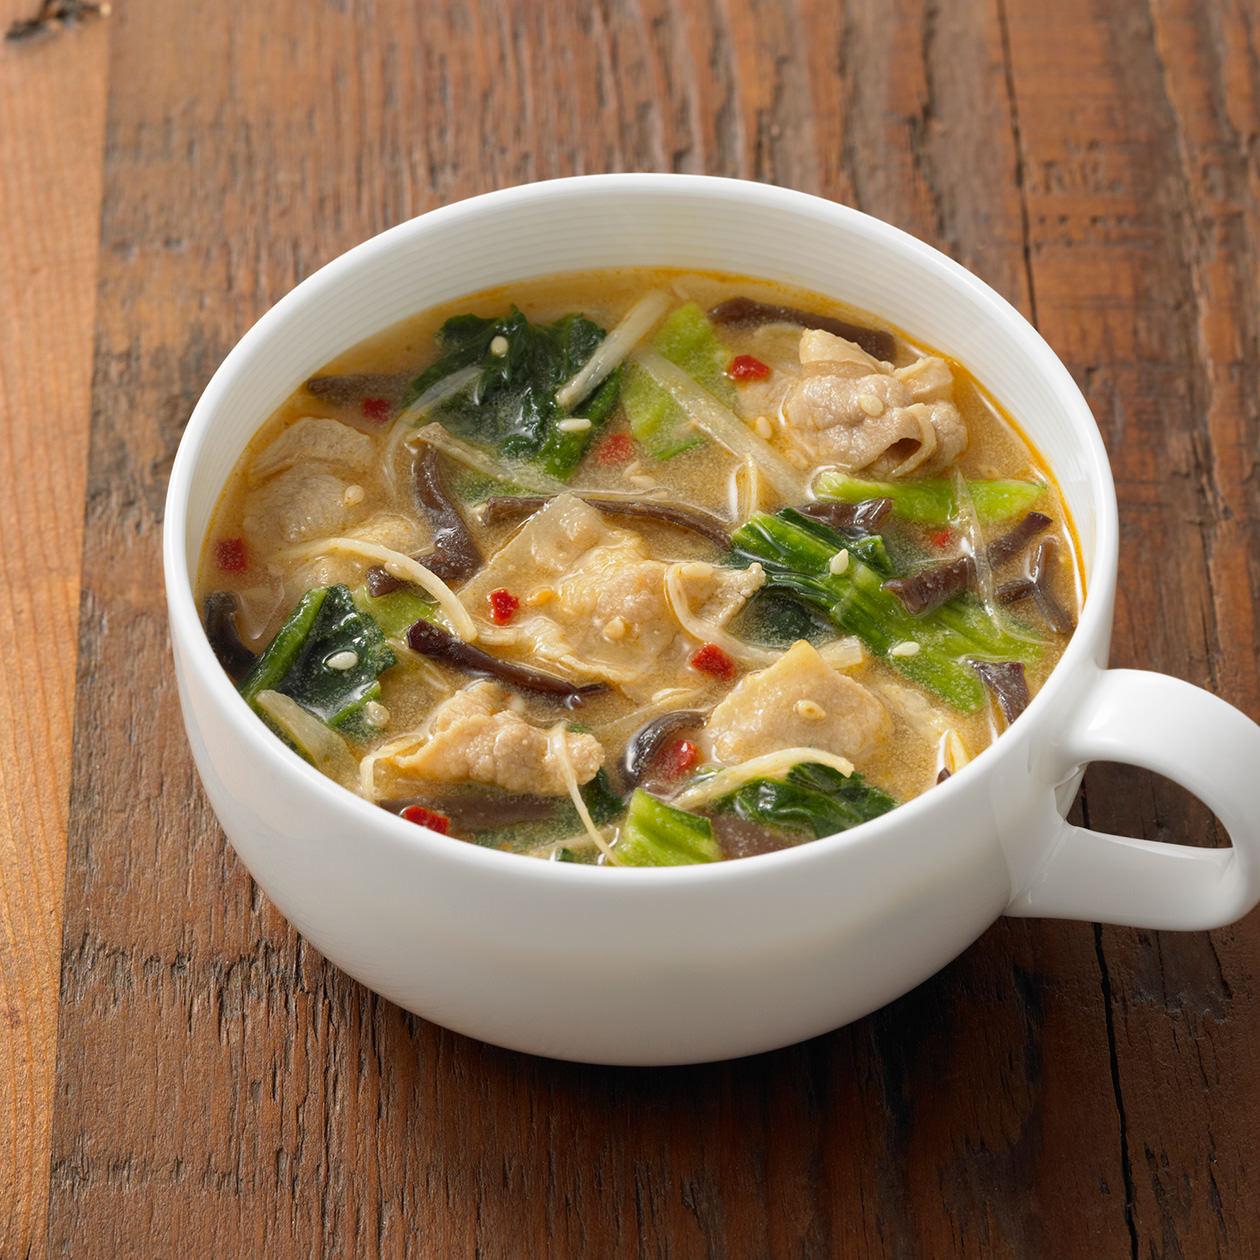 食べるスープ 豚肉とチンゲン菜の胡麻味噌担々スープ